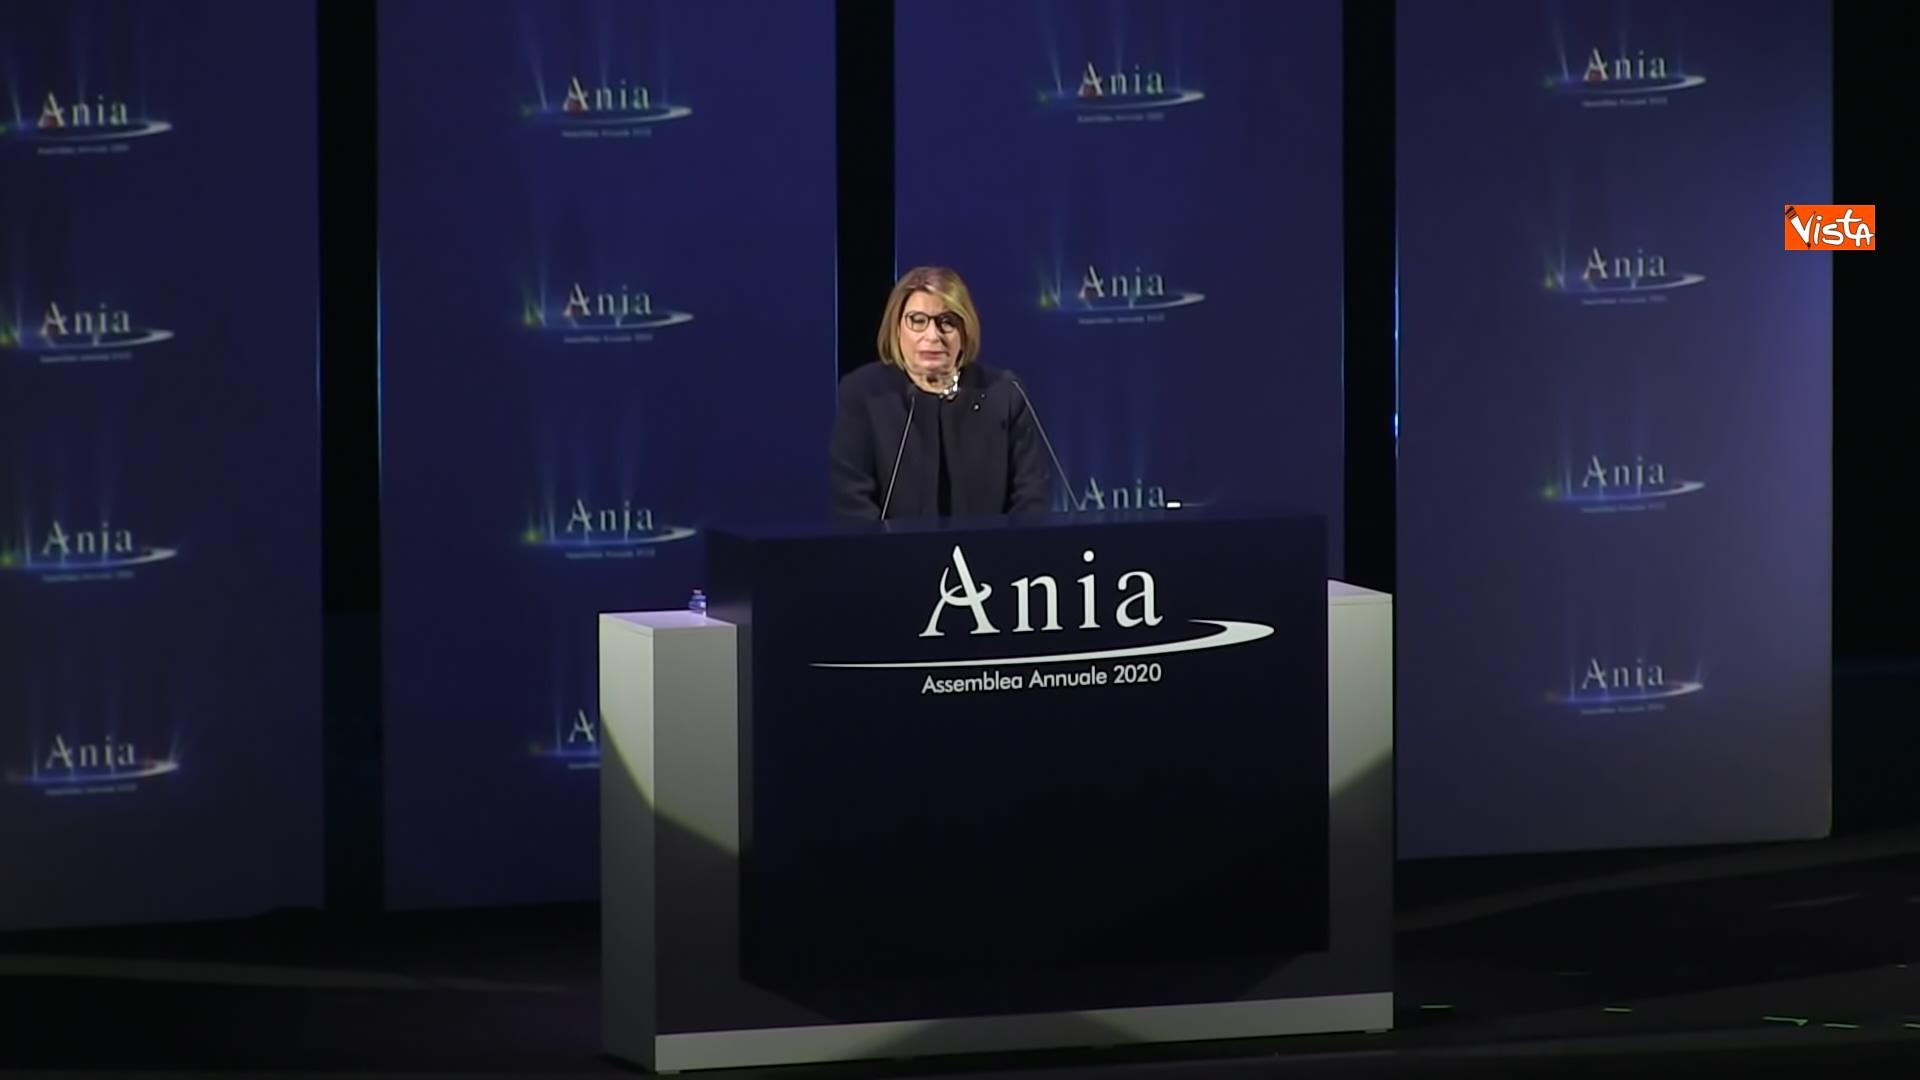 19-10-20 Ania l assemblea annuale 2020 con Conte e Patuanelli in video collegamento immagini_10